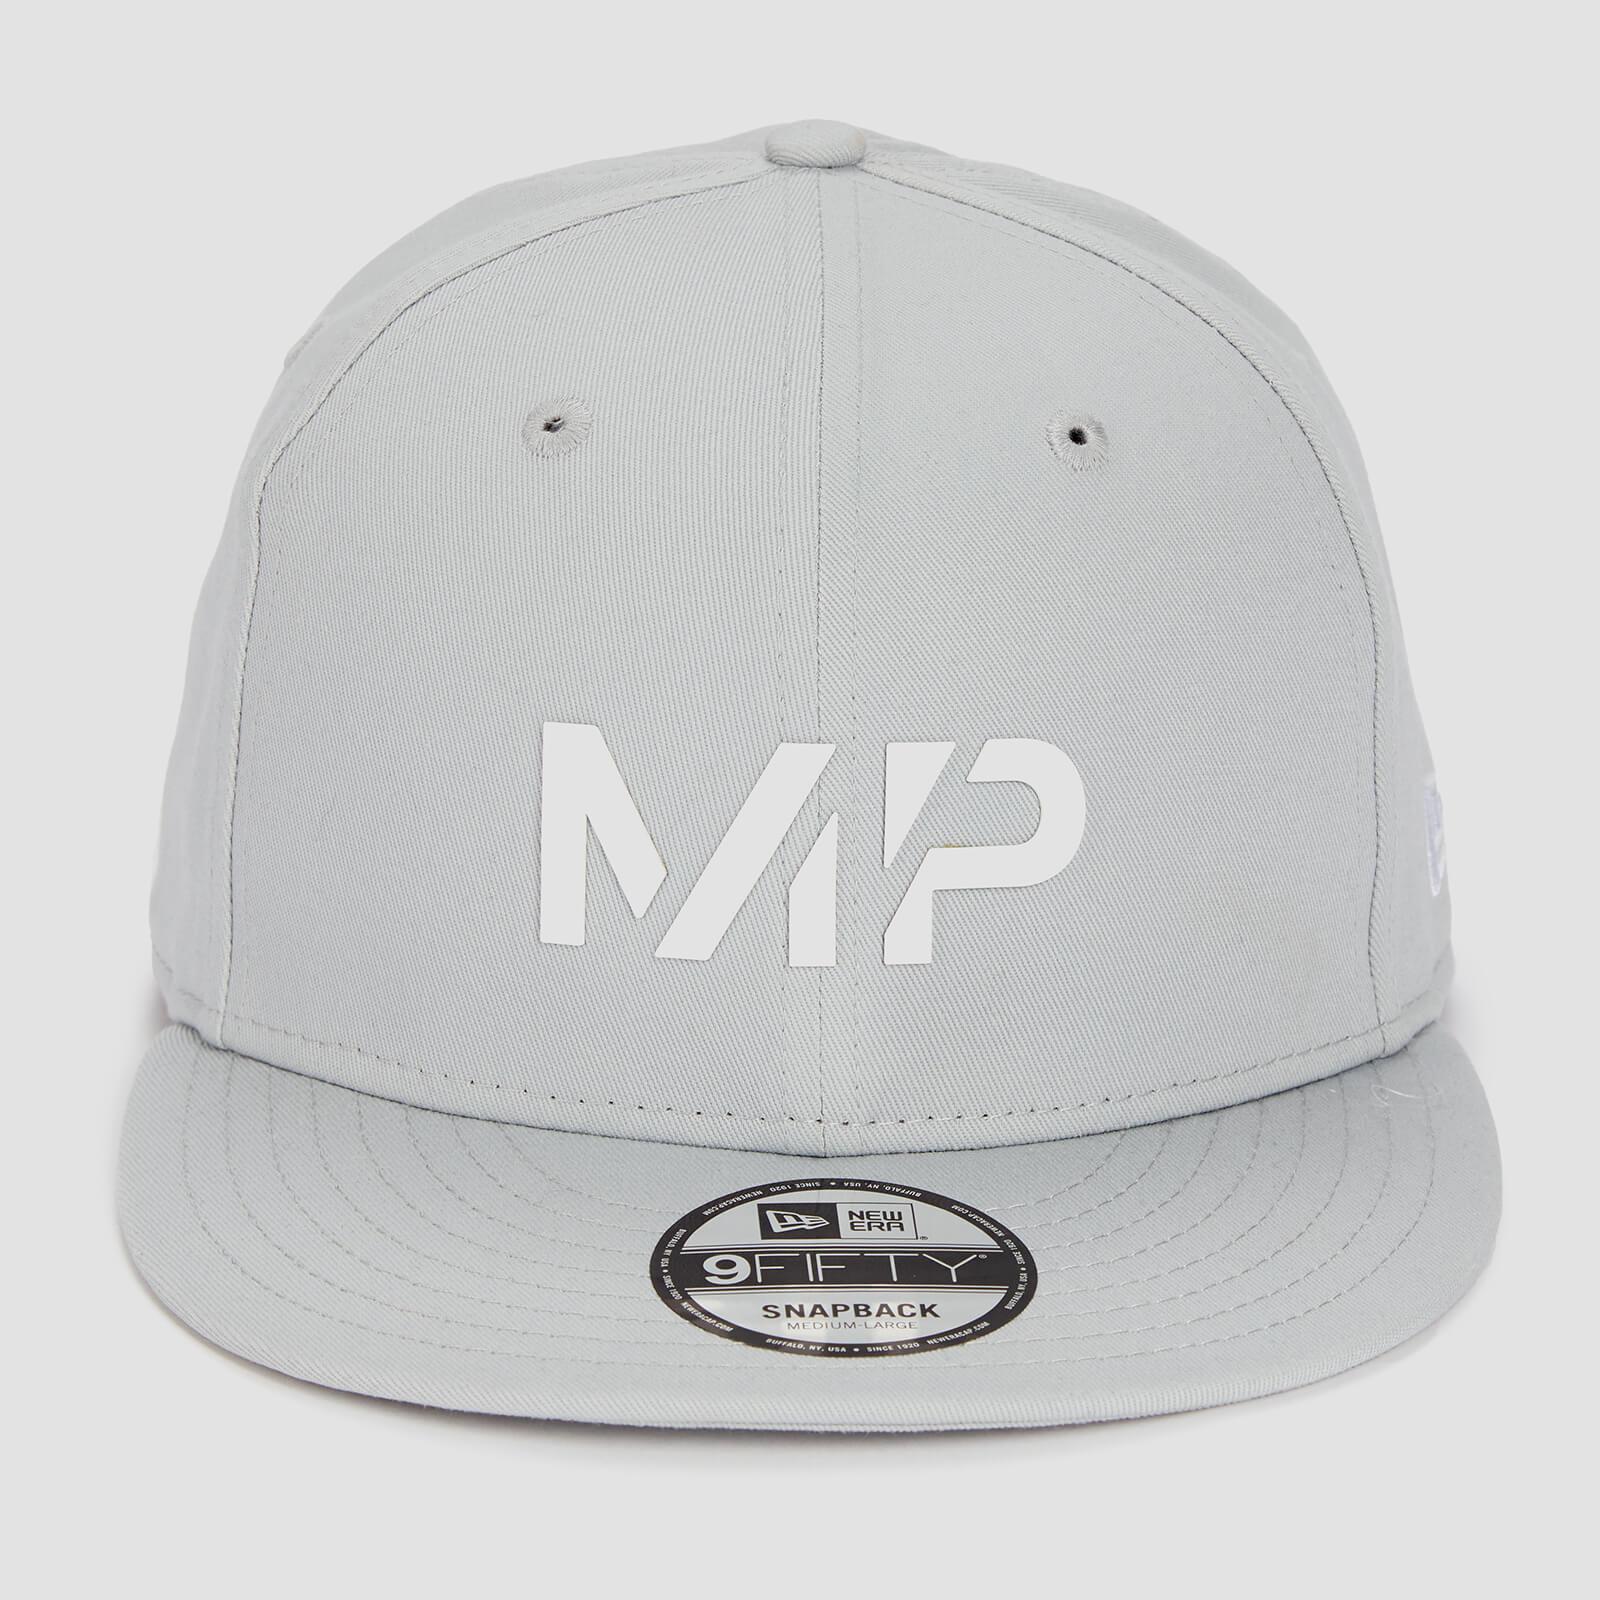 MP New Era 9FIFTY Snapback - Chrome/White - S-M